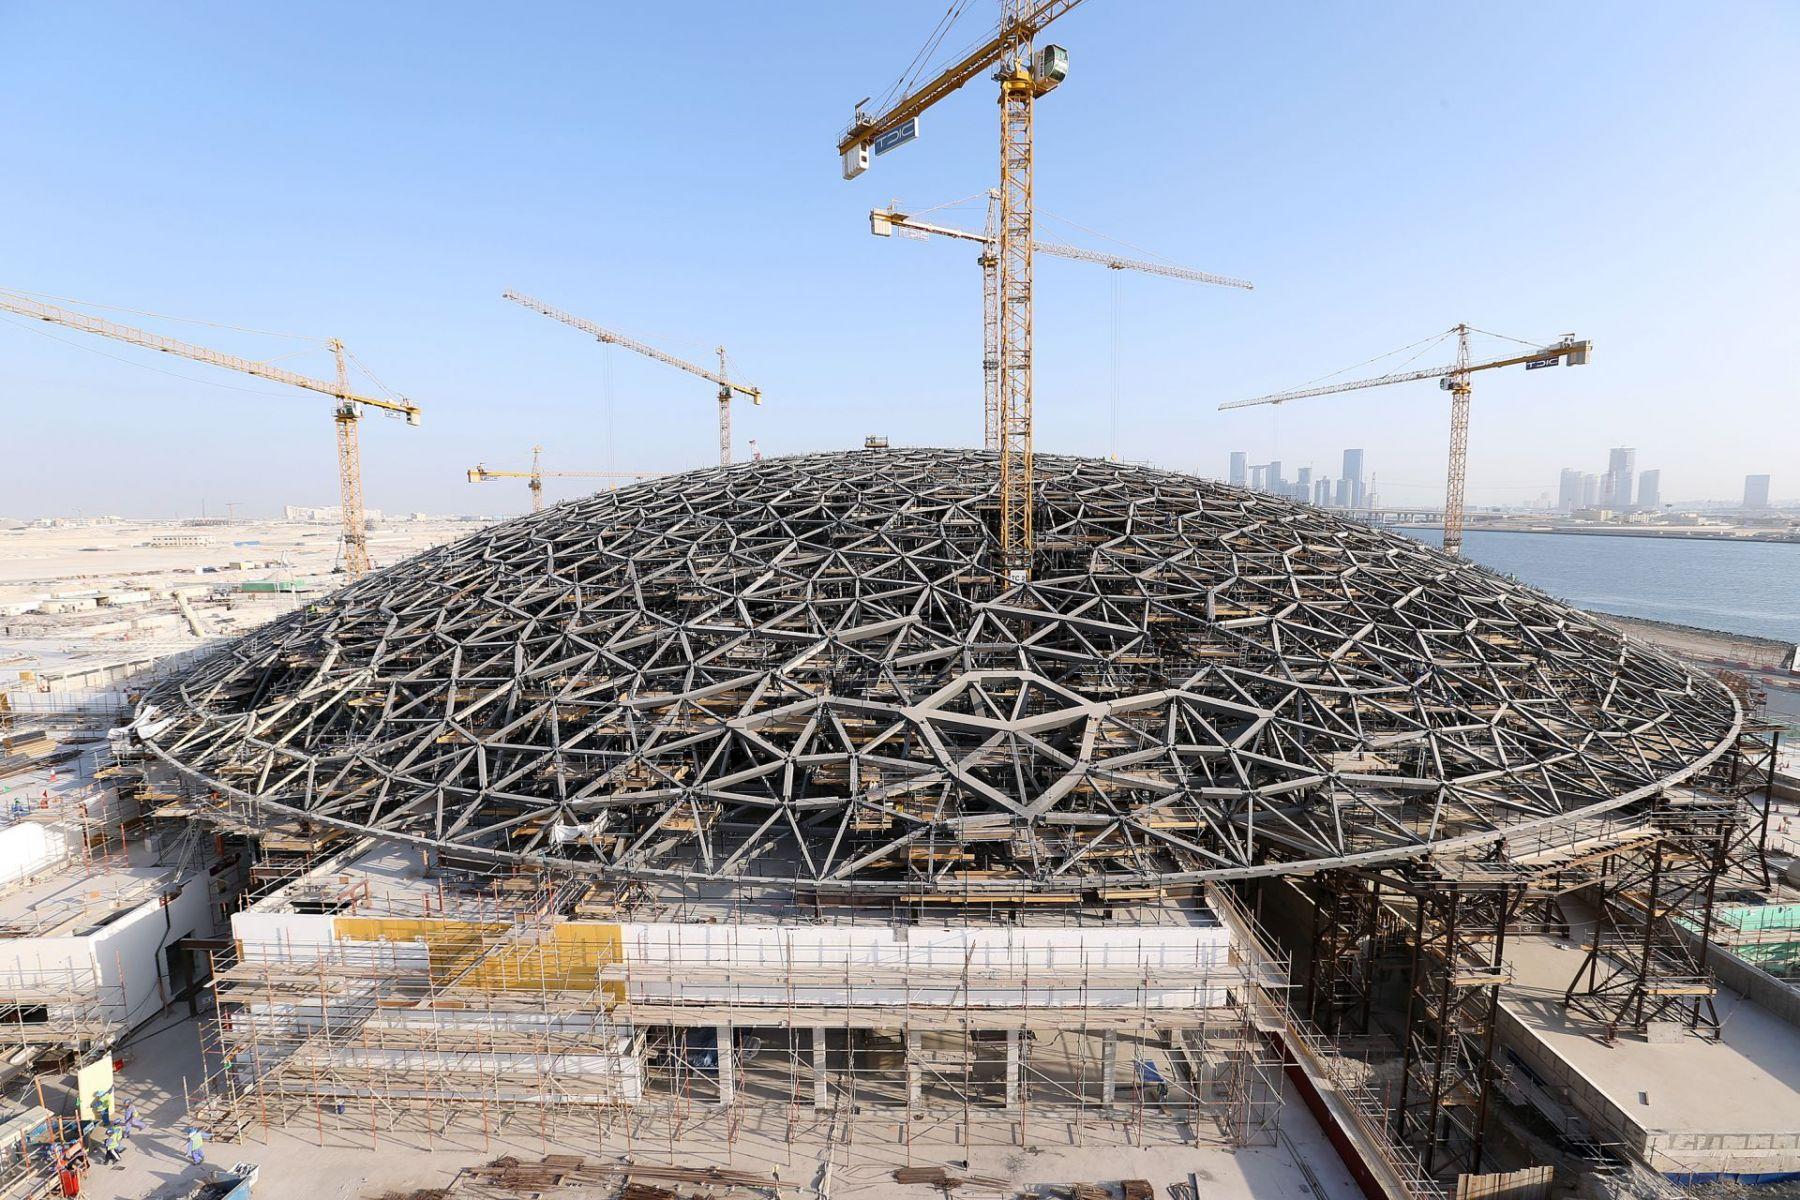 novidades na construção civil - louvre abu dhabi